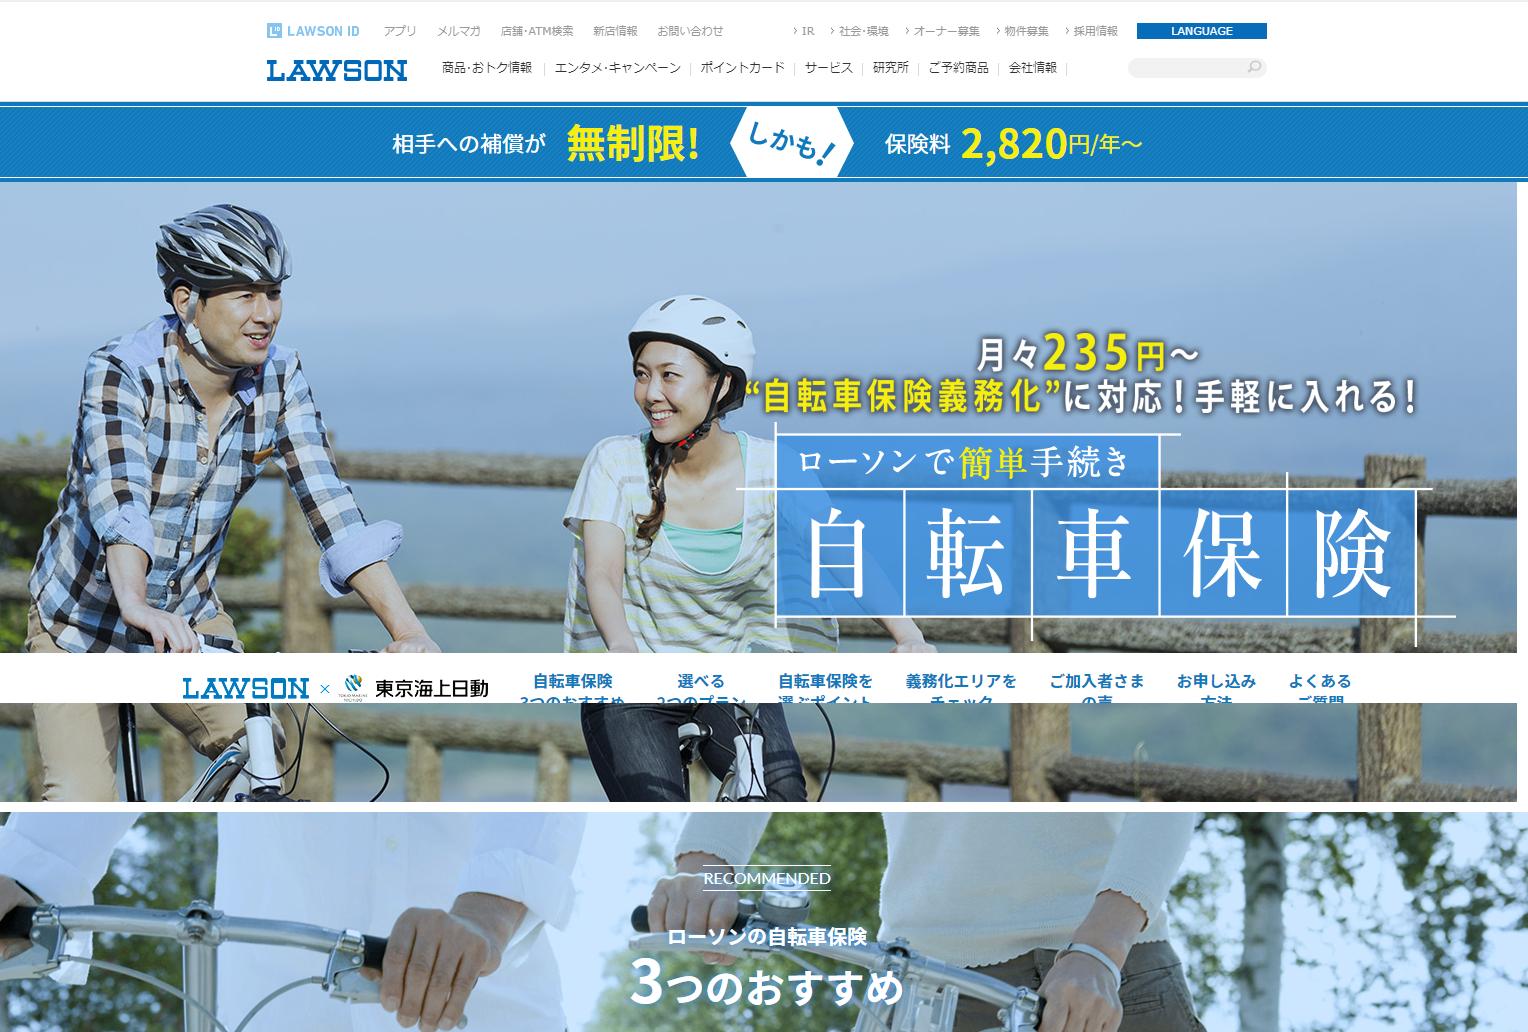 ローソンの自転車保険